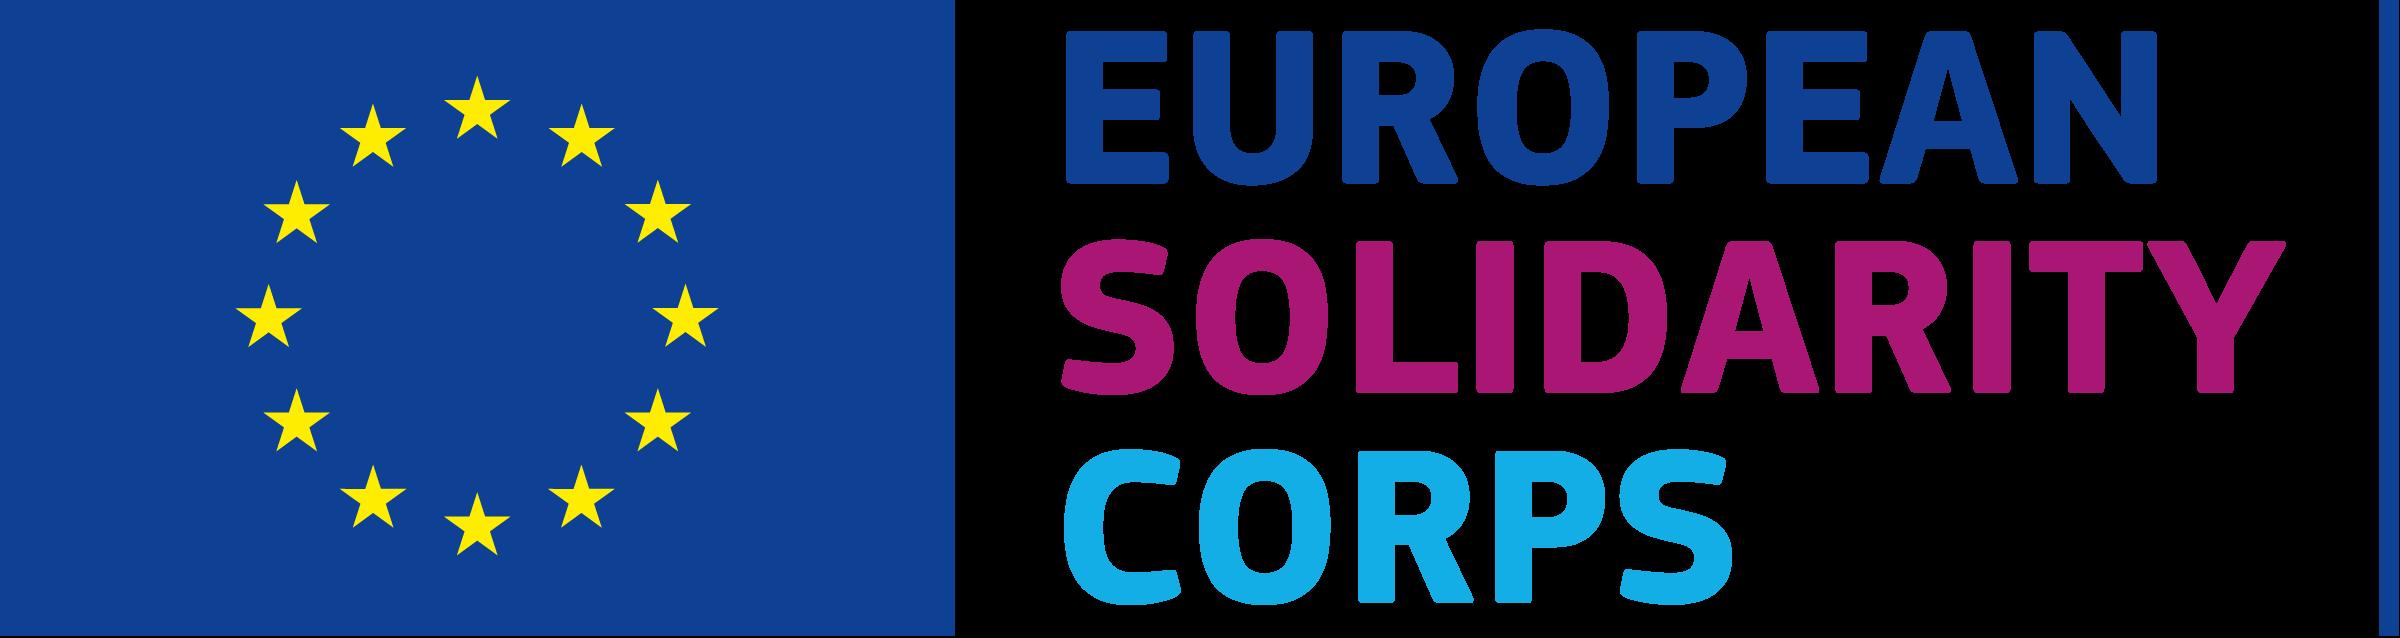 Afbeeldingsresultaat voor european solidarity corps